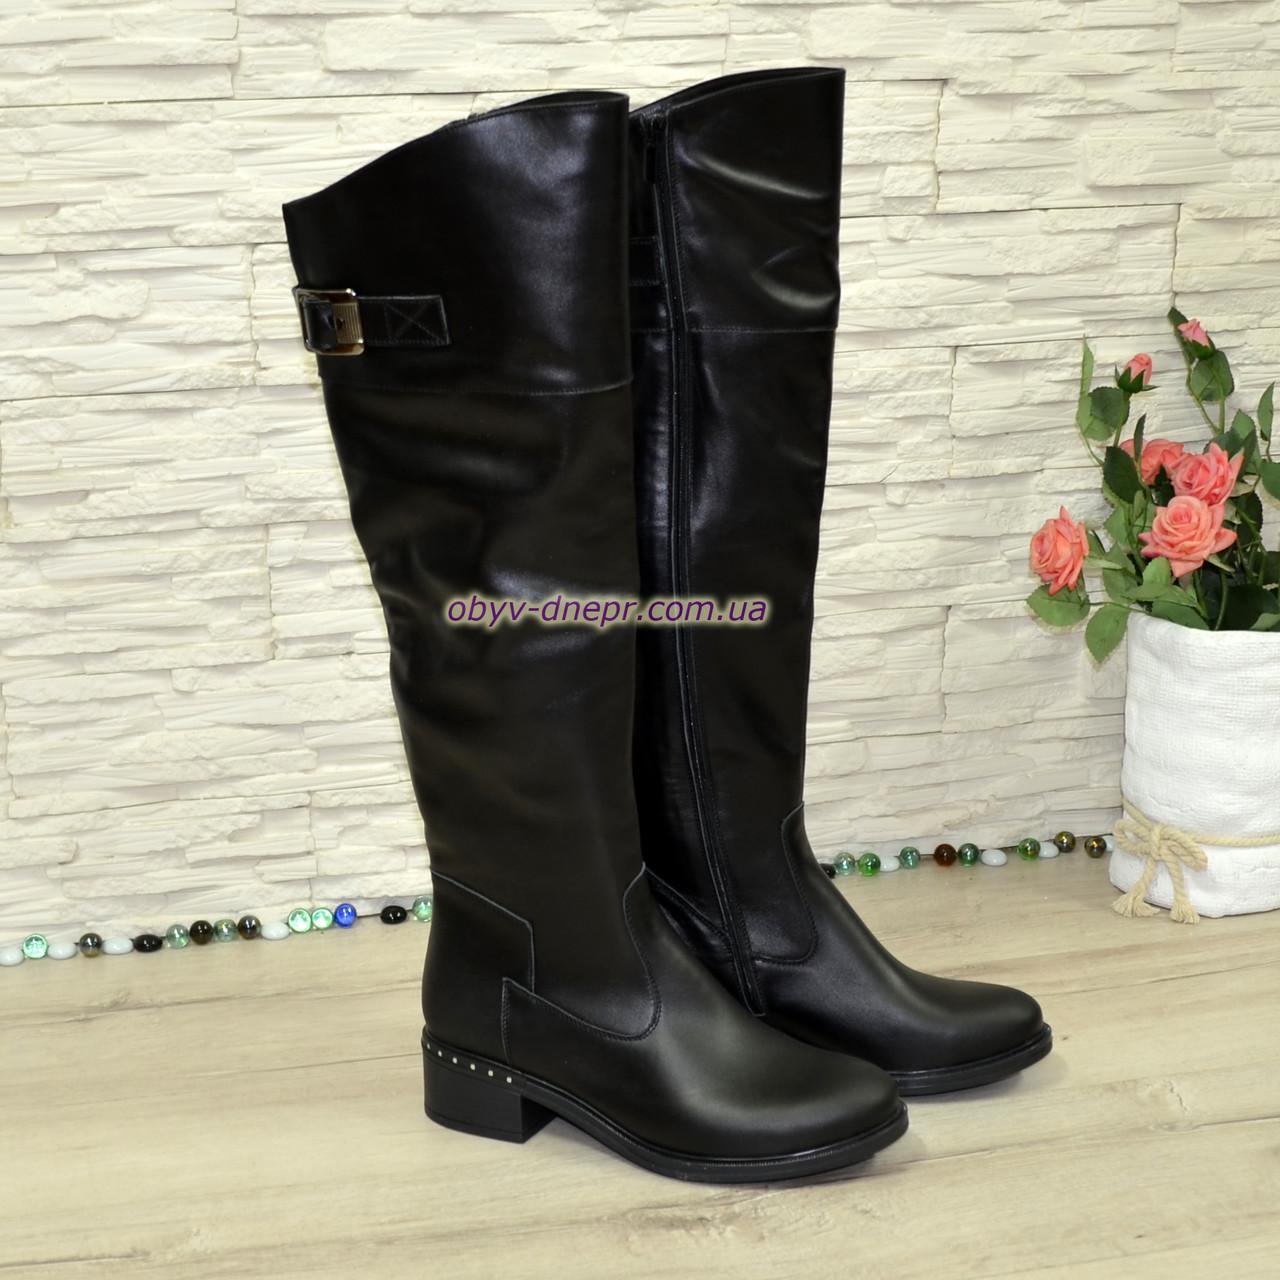 Ботфорты кожаные женские зимние на каблуке, черного цвета